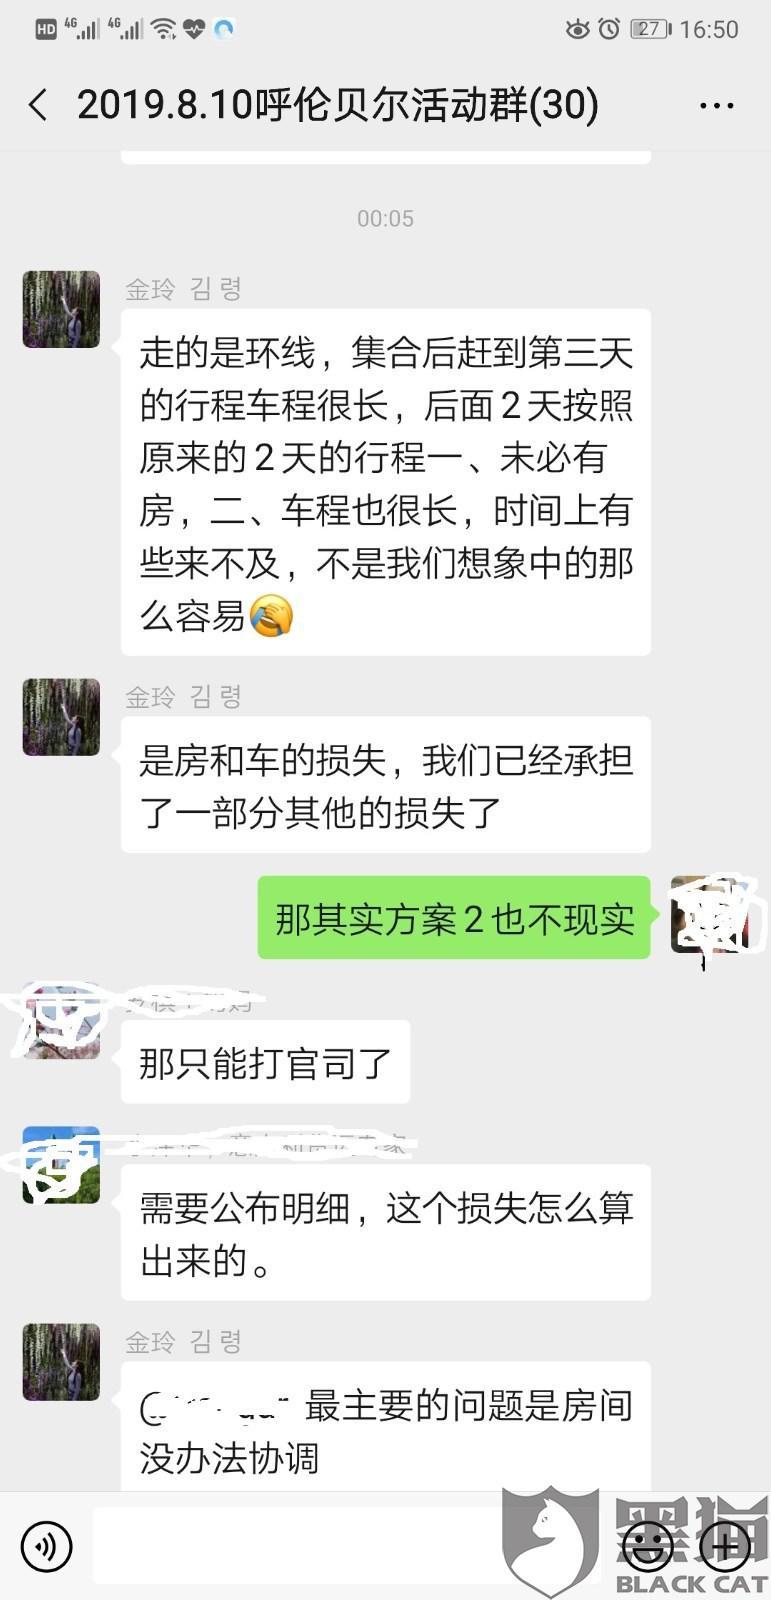 黑猫投诉:因8月10日台风航班取消,旅行社拒绝全额退费